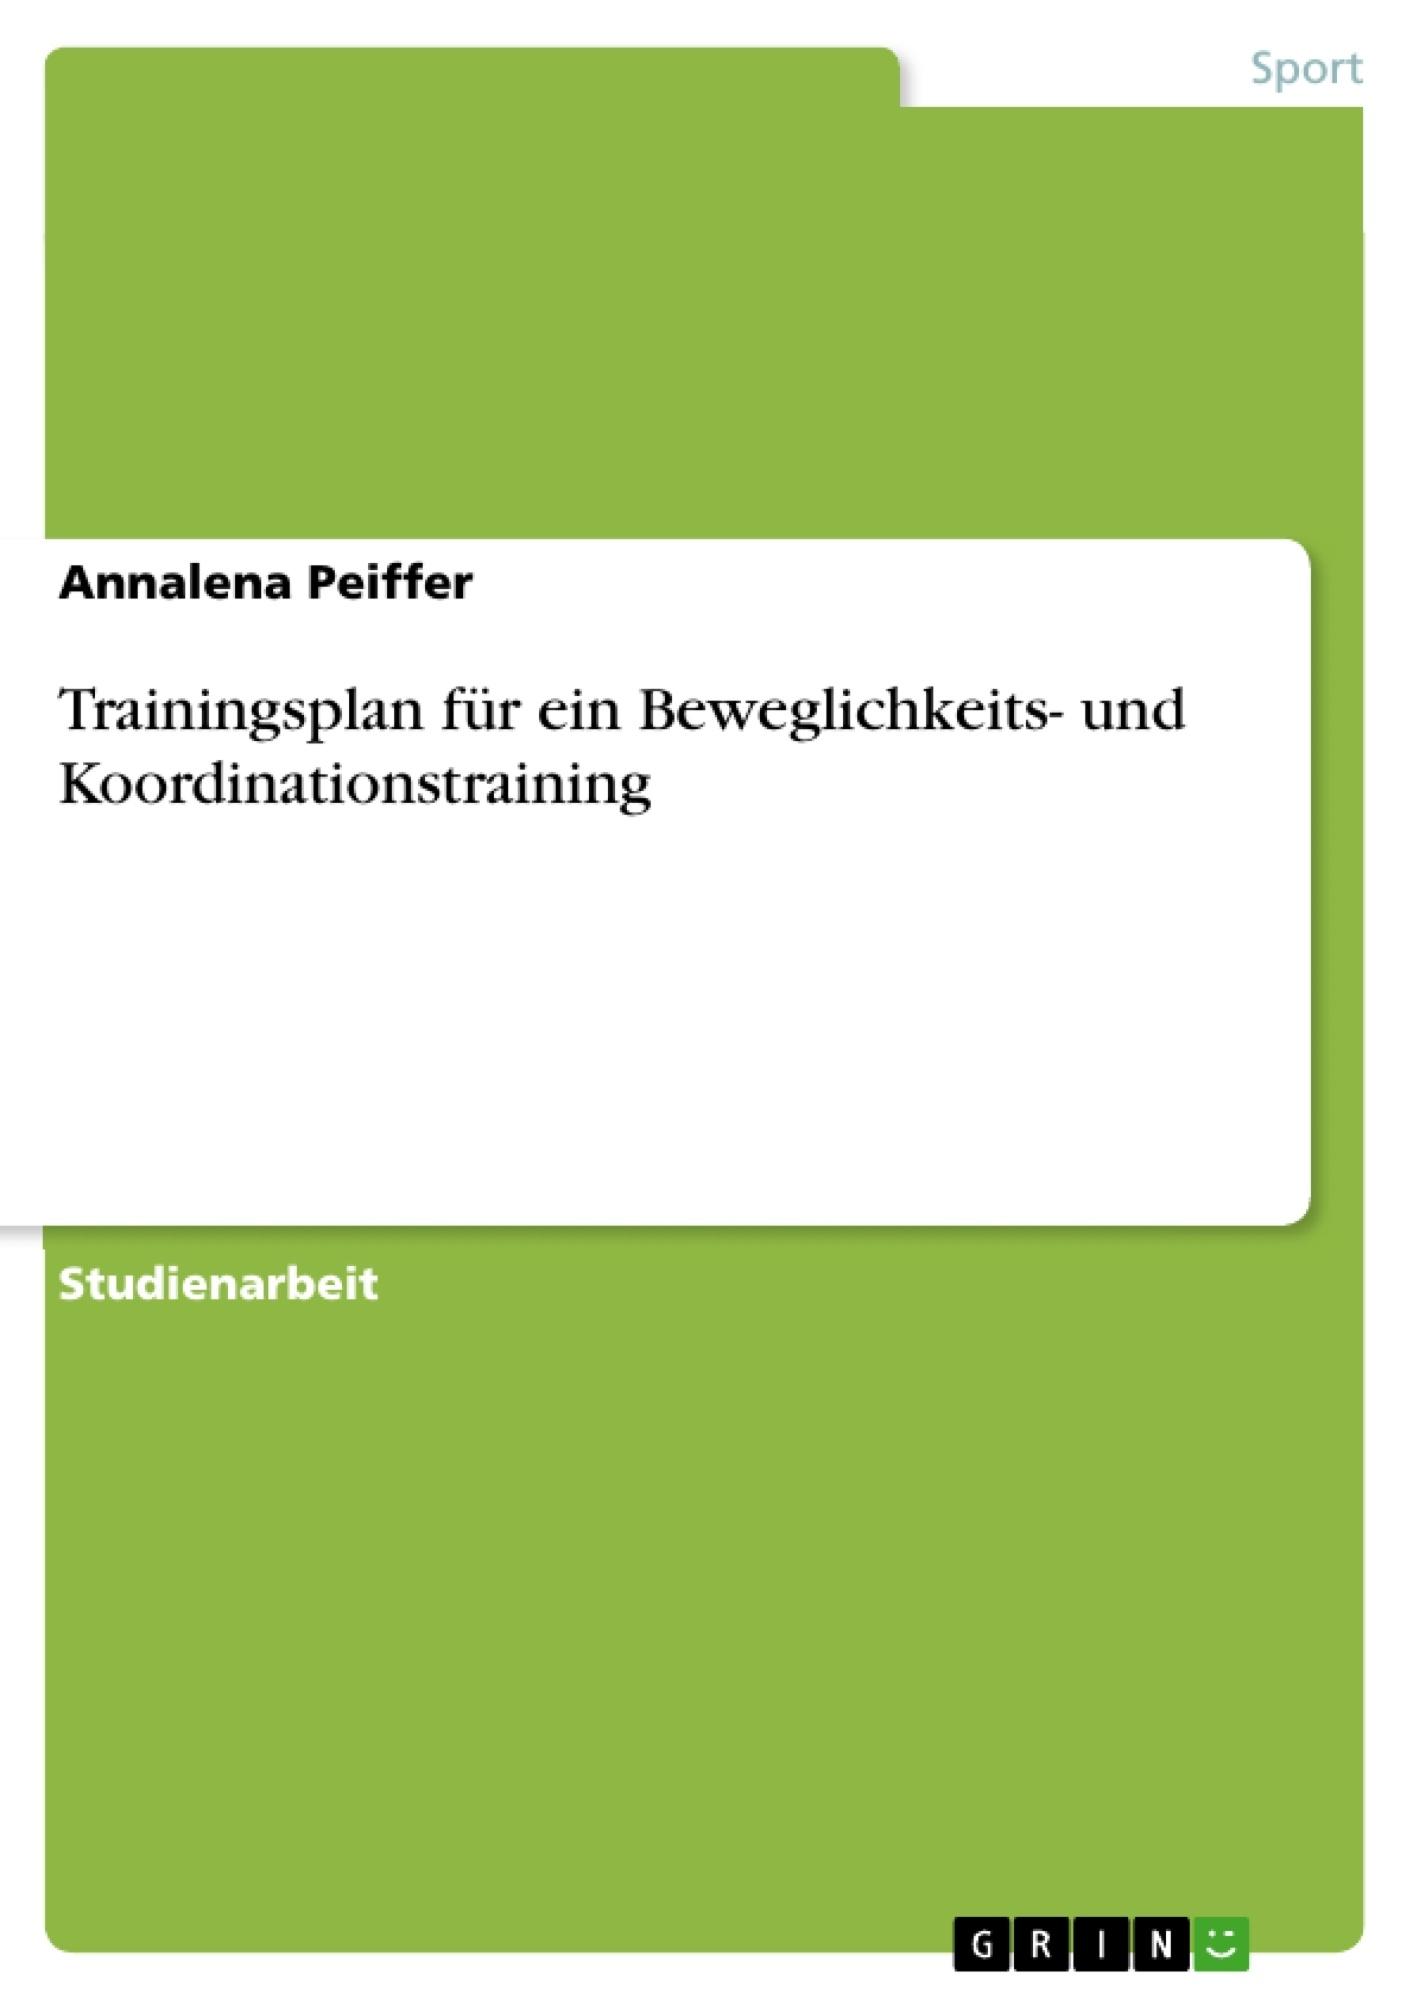 Titel: Trainingsplan für ein Beweglichkeits- und Koordinationstraining